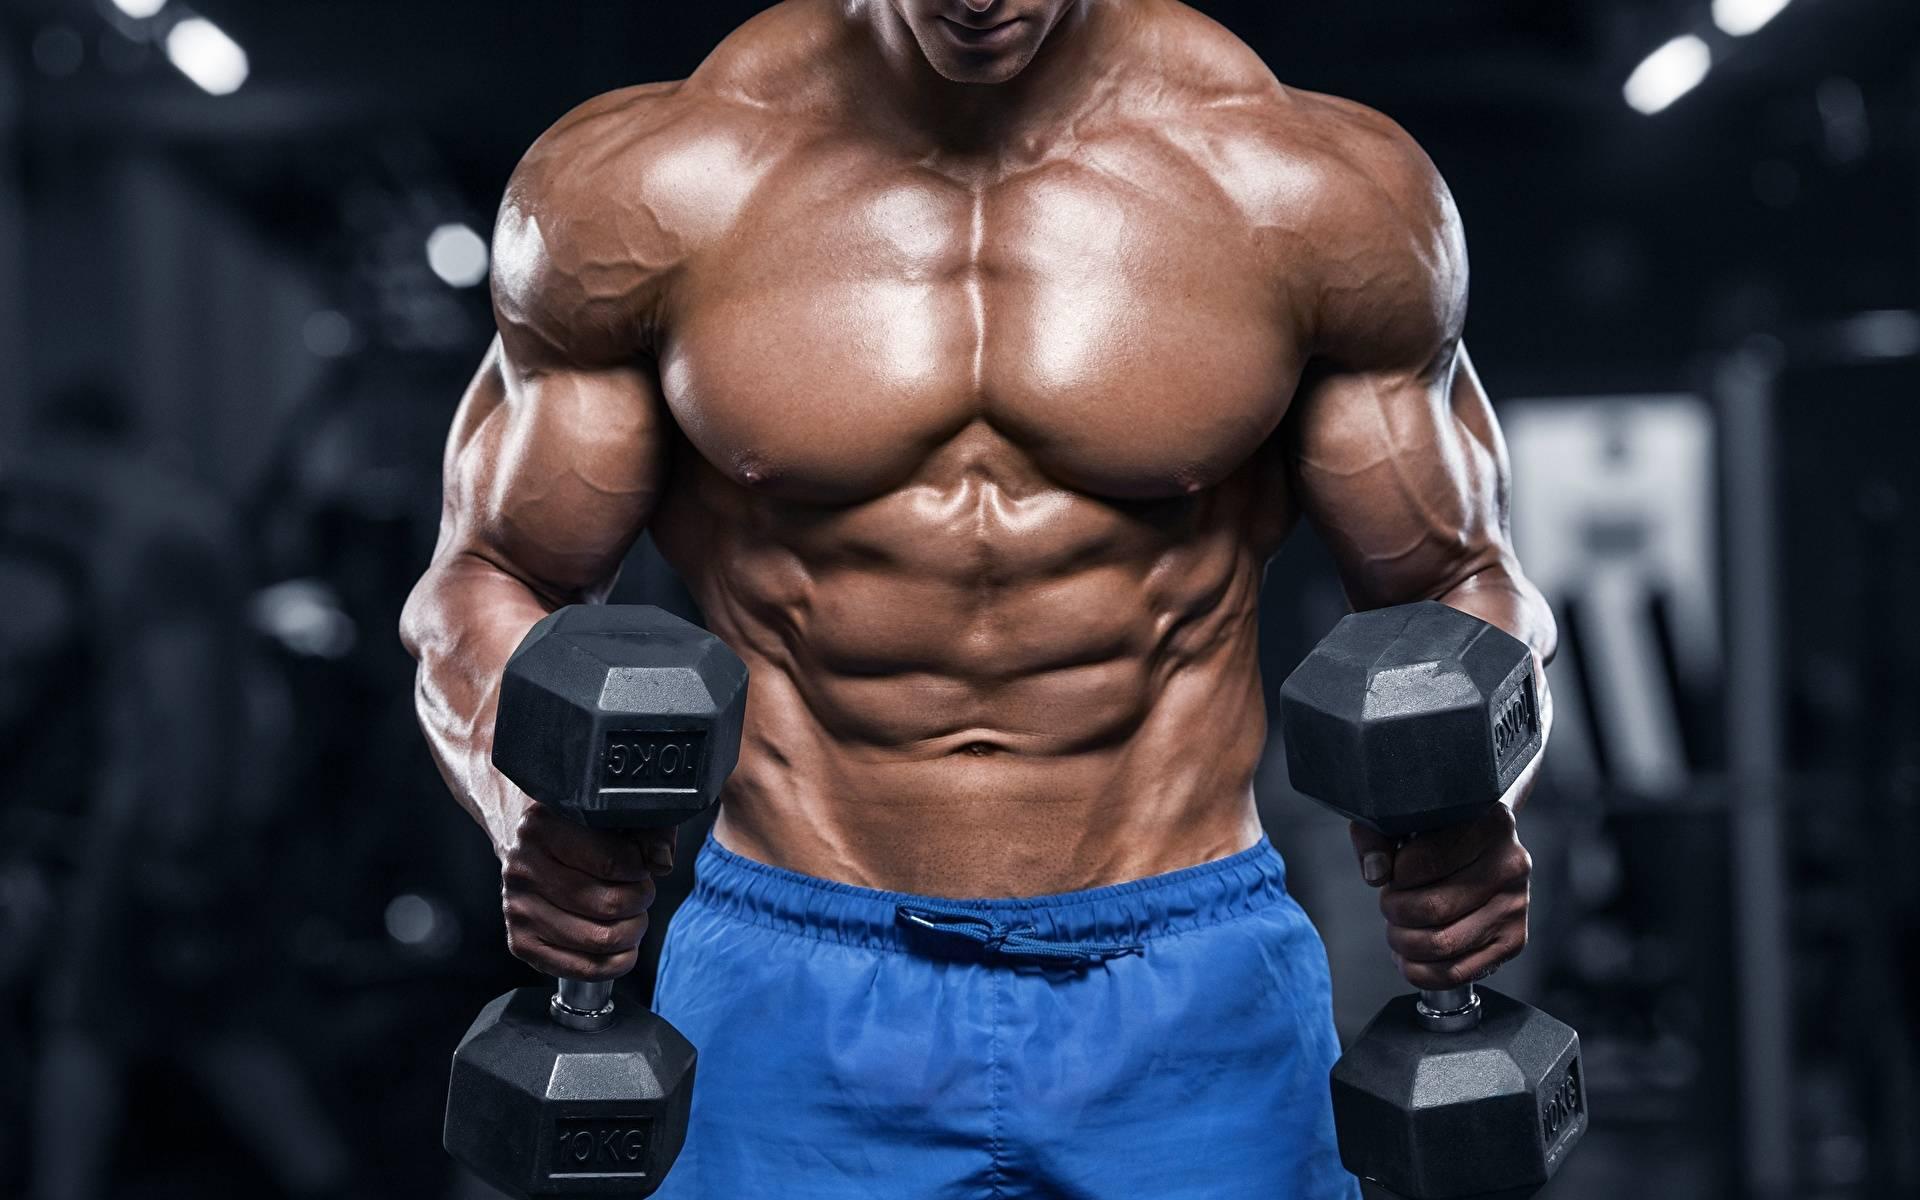 Бодибилдинг тренировки: рост мышц, упражнения, питание и программы.